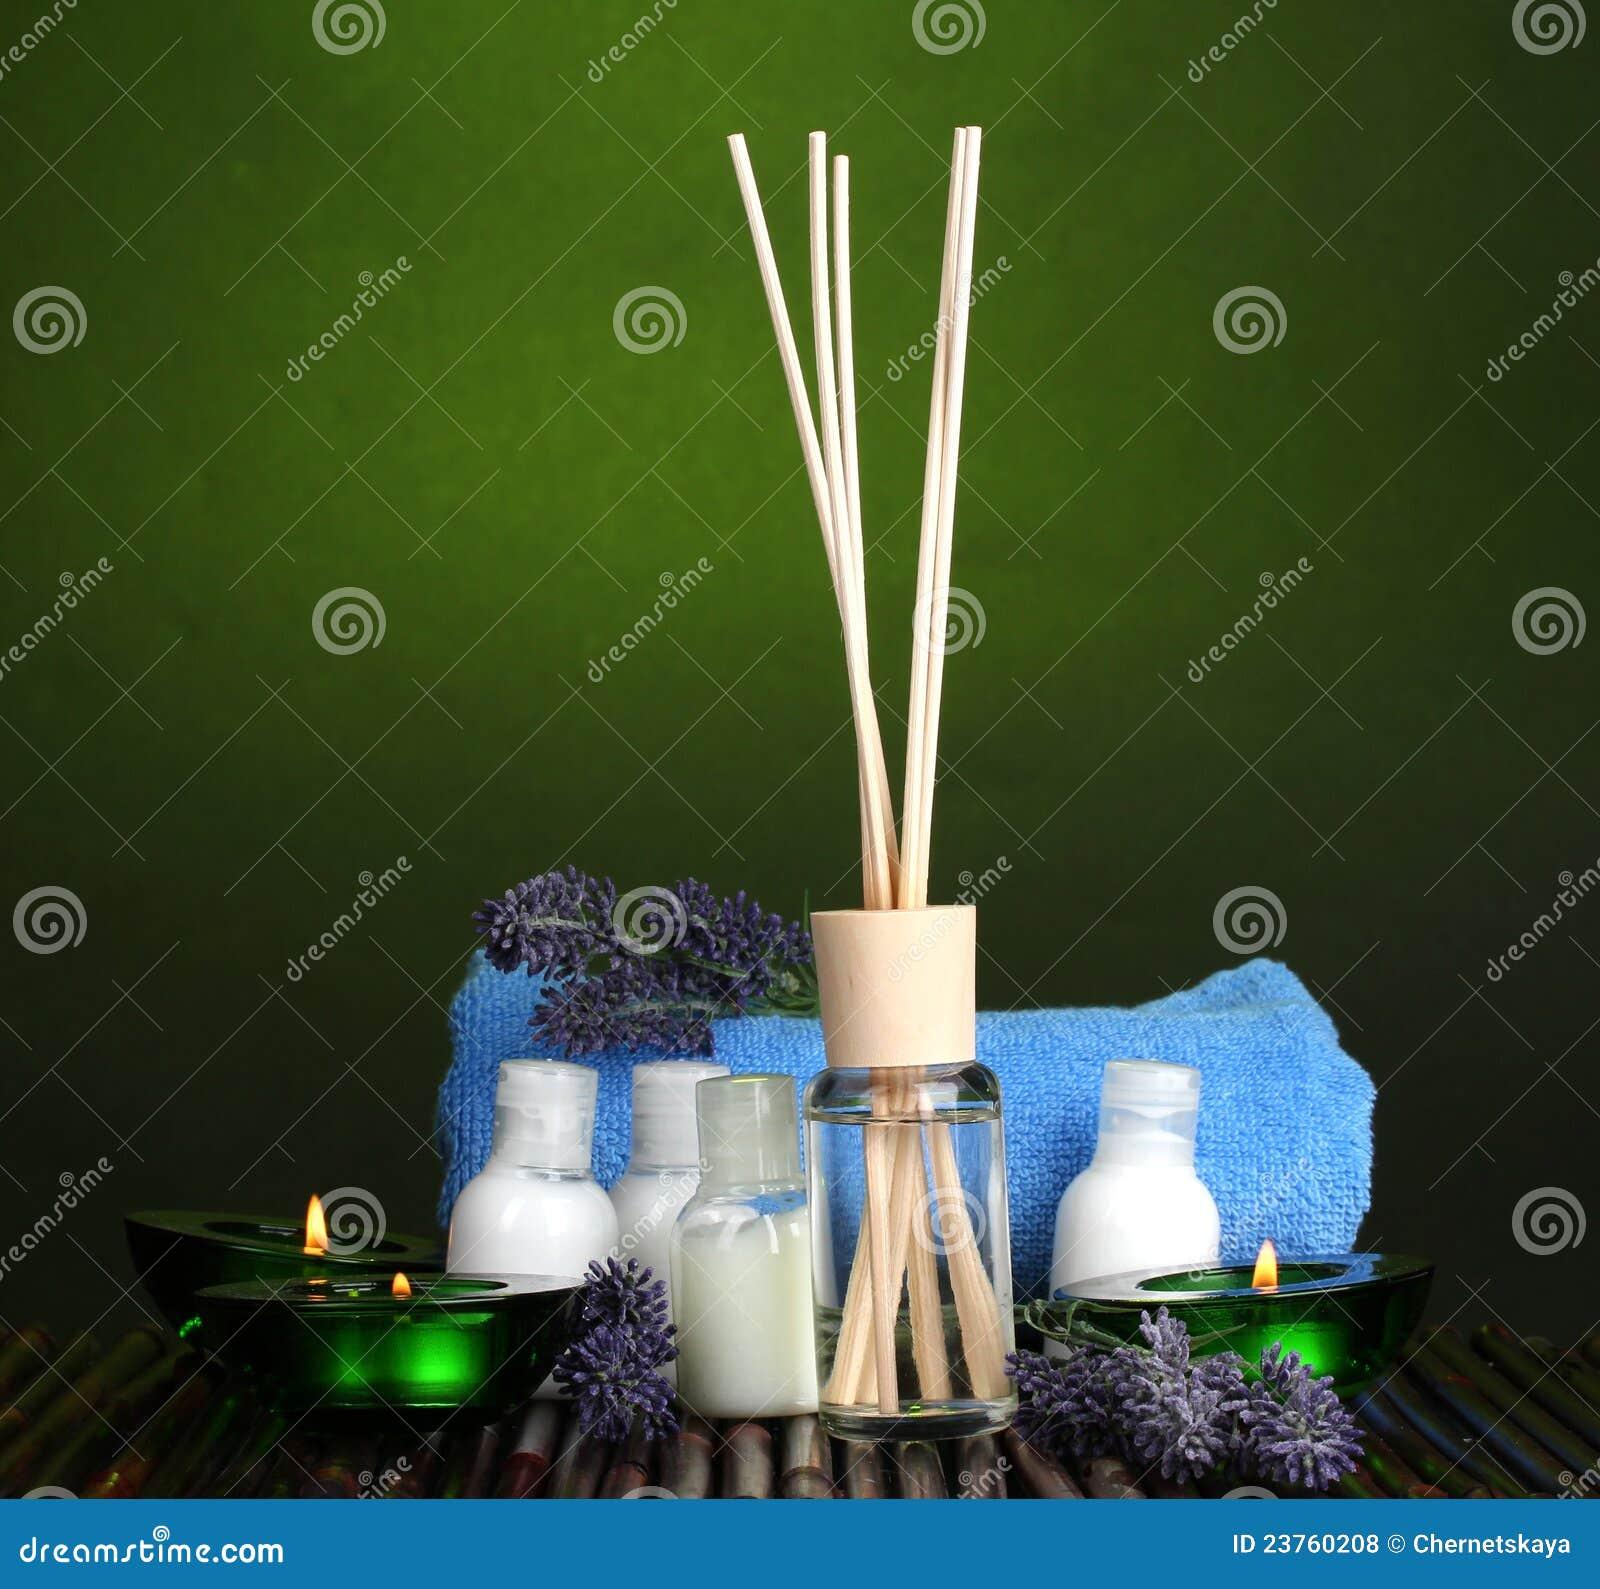 De verfrissing, de flessen, de handdoek en de kaarsen van de lucht